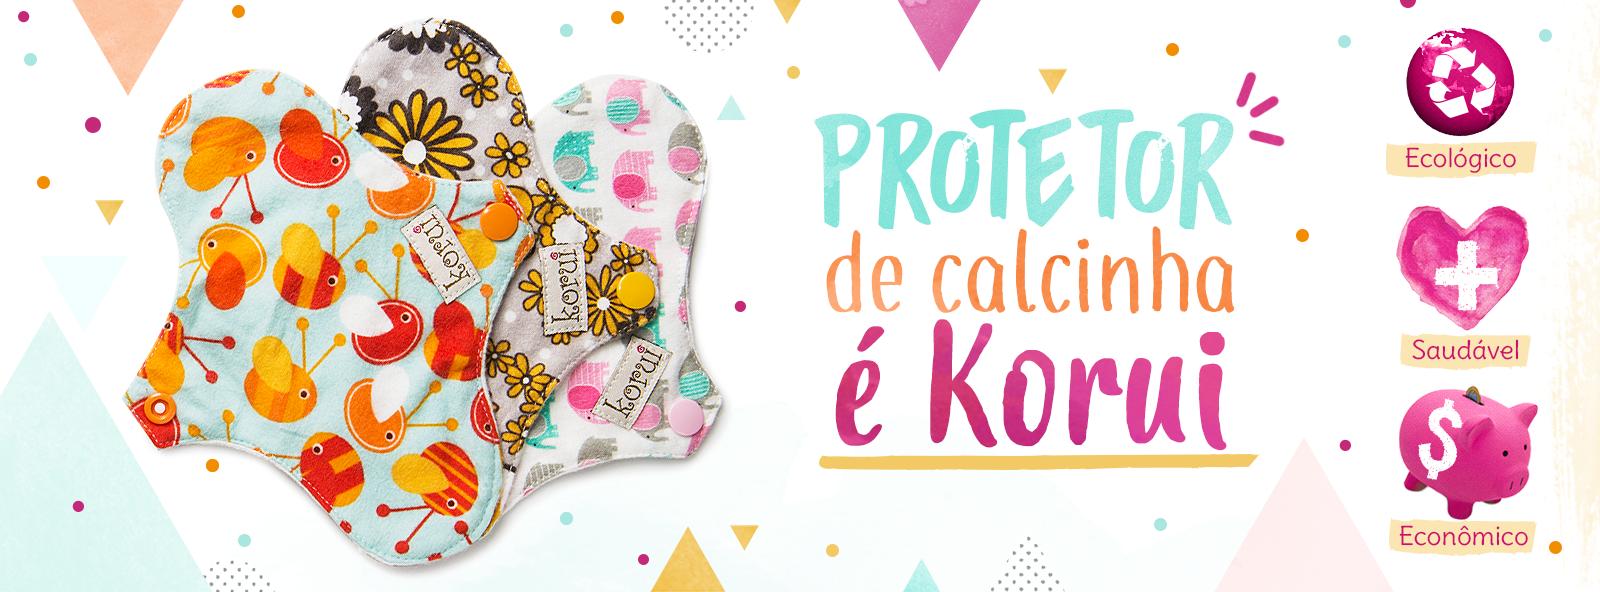 banner_protetor-calcinha_KORUI_corrigido